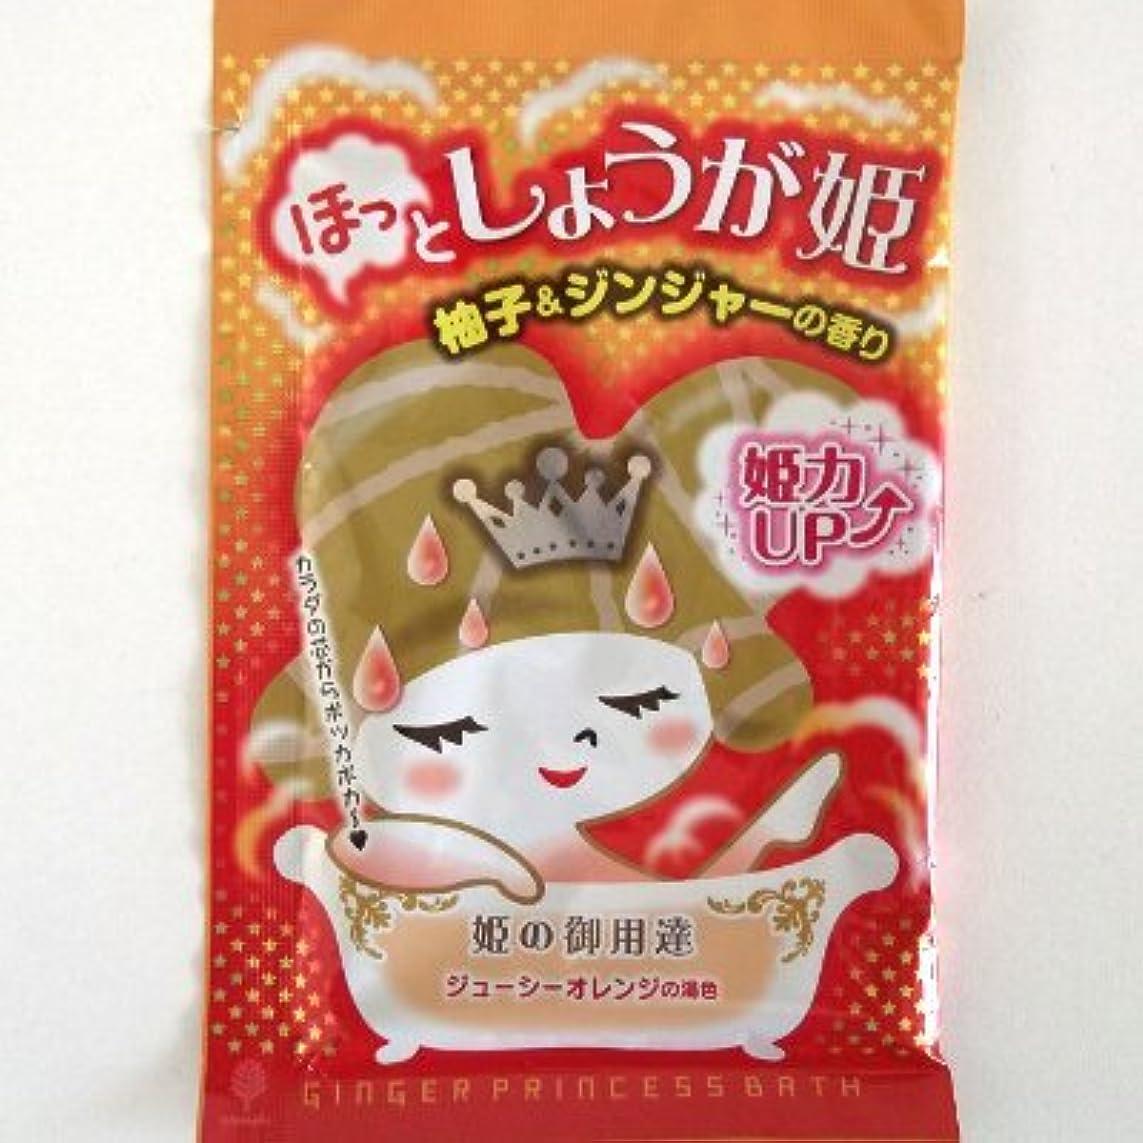 アルプス乞食連隊紀陽除虫菊 ほっとしょうが姫 柚子&ジンジャーの香り【まとめ買い12個セット】 N-8400